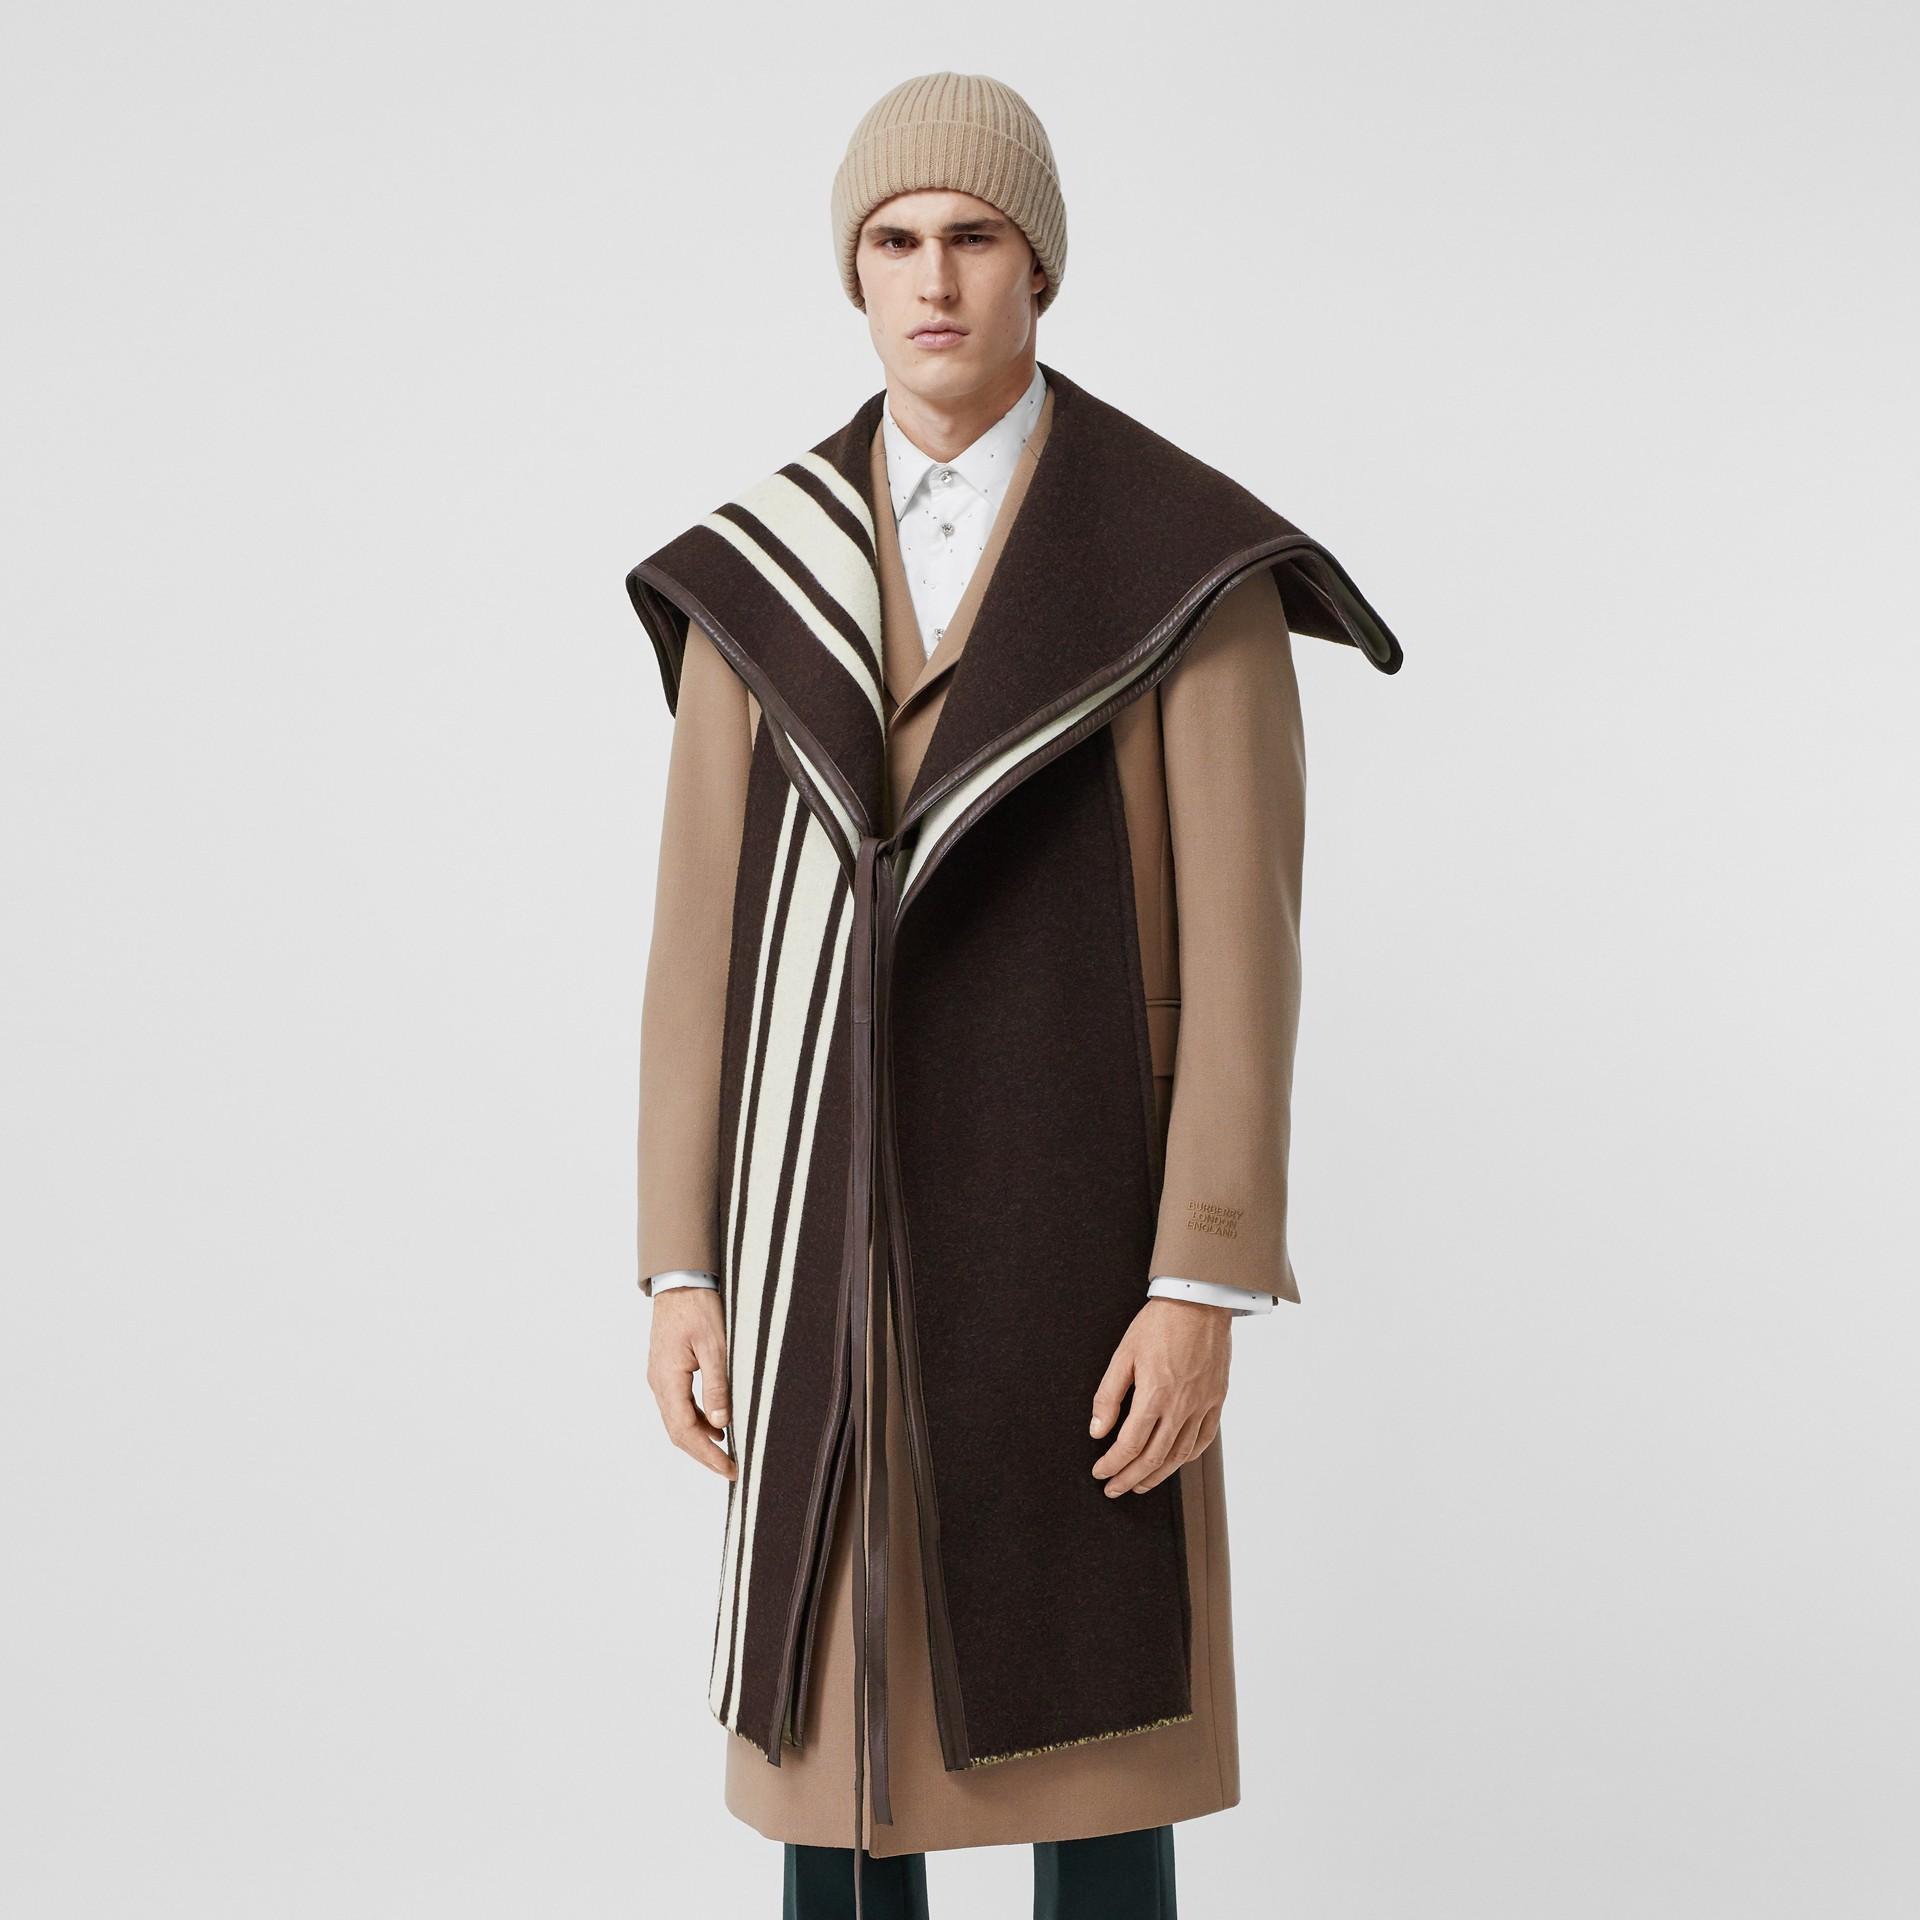 羔羊皮飾帶條紋細節設計羊毛提花披肩 (棕色) - 女款 | Burberry - 圖庫照片 10